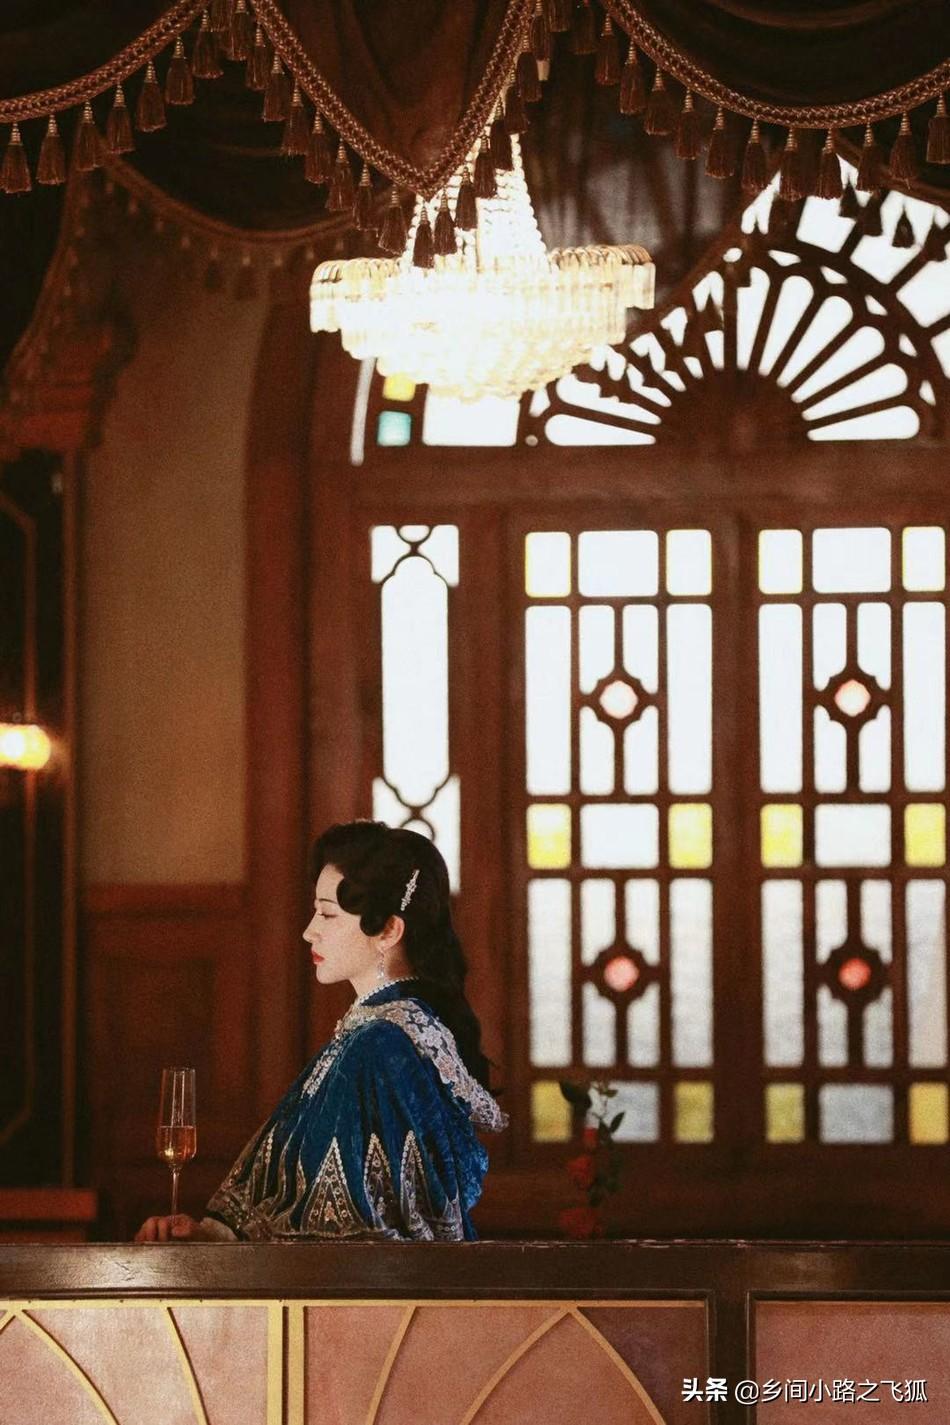 绝美!《司藤》首曝预告 景甜旗袍造型风情万种